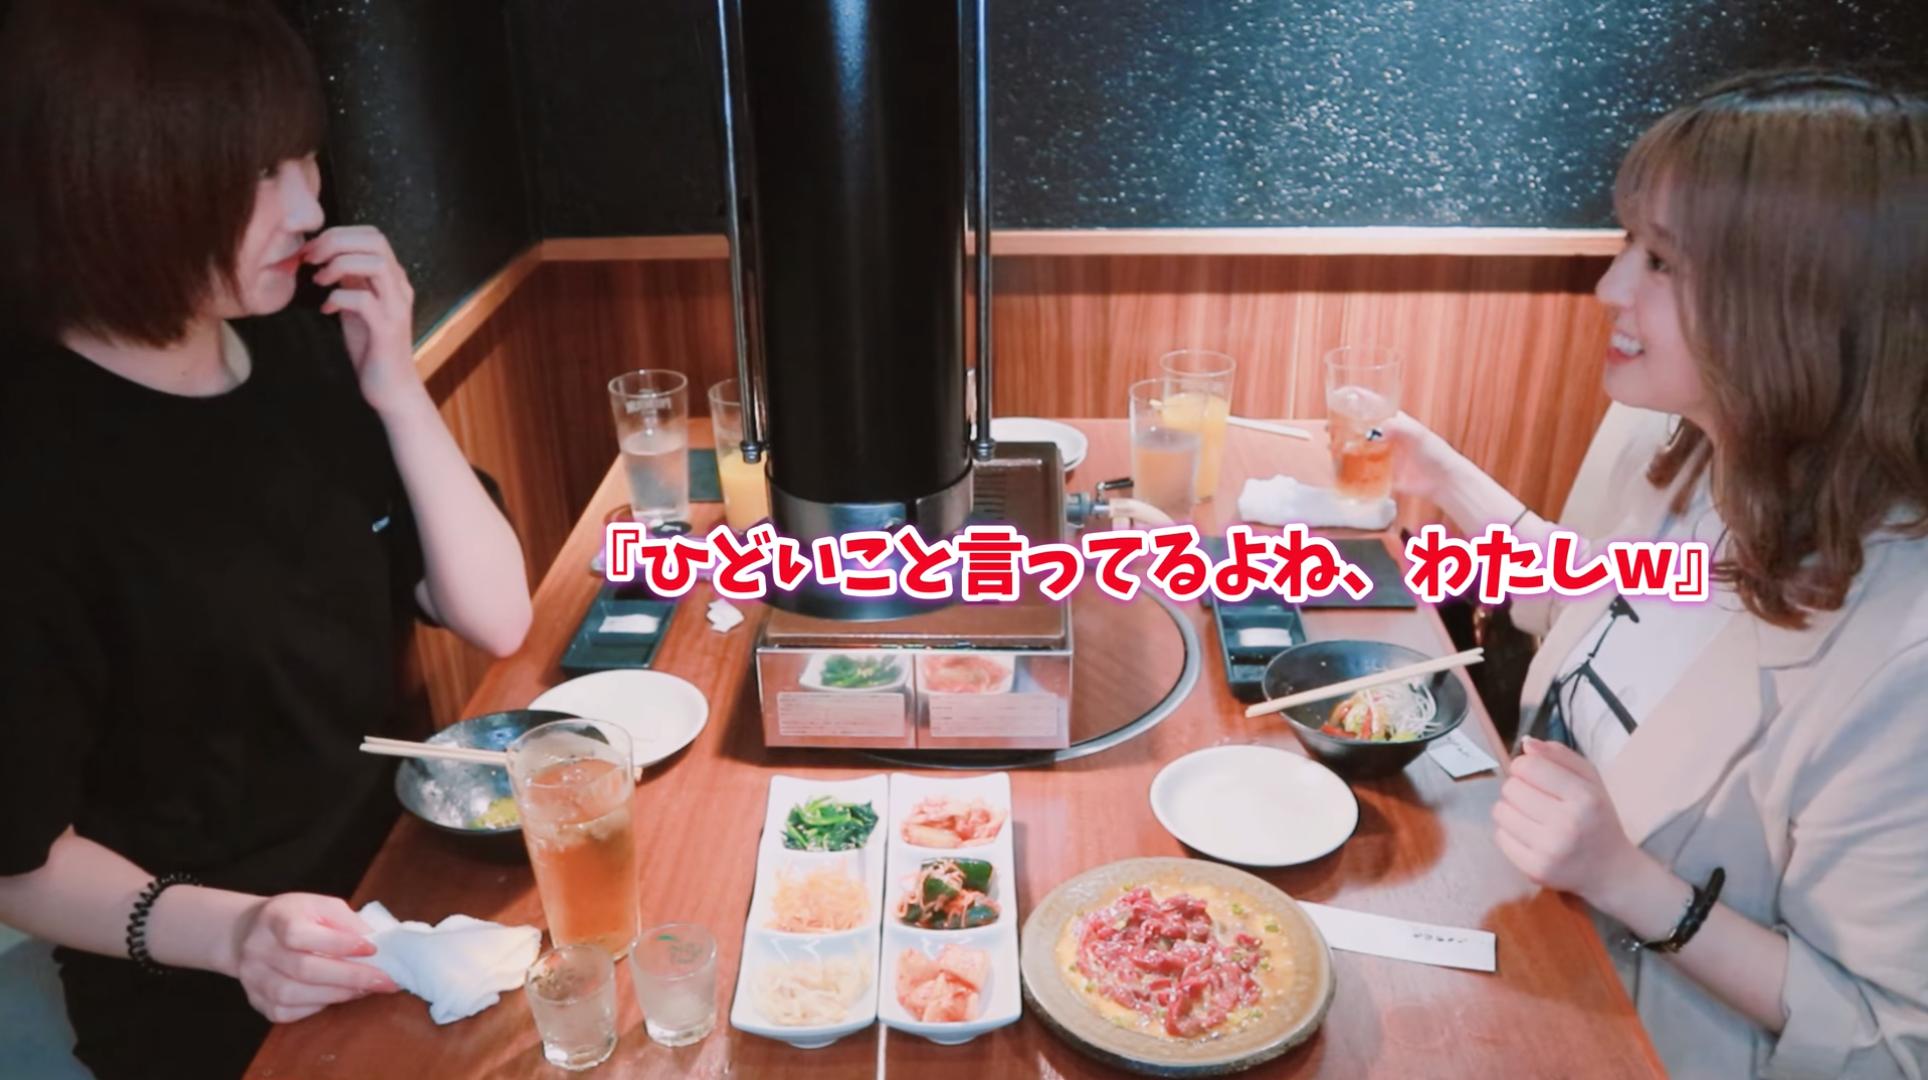 欅坂46改名の理由|卒業生の不祥事